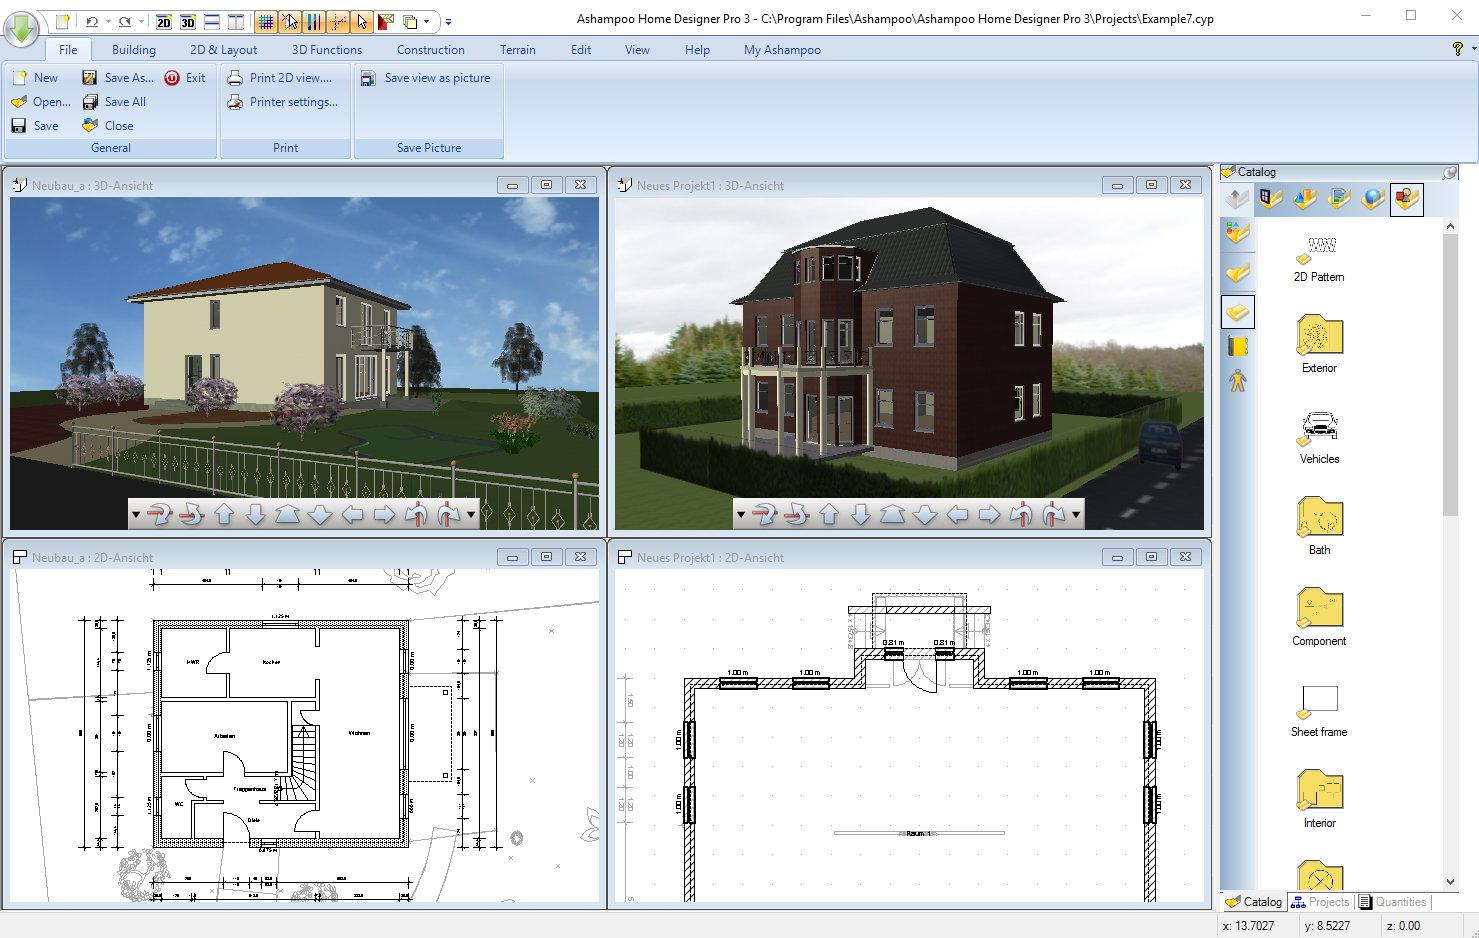 Http Www Baixaki Com Br Download Ashampoo Home Designer Pro Htm